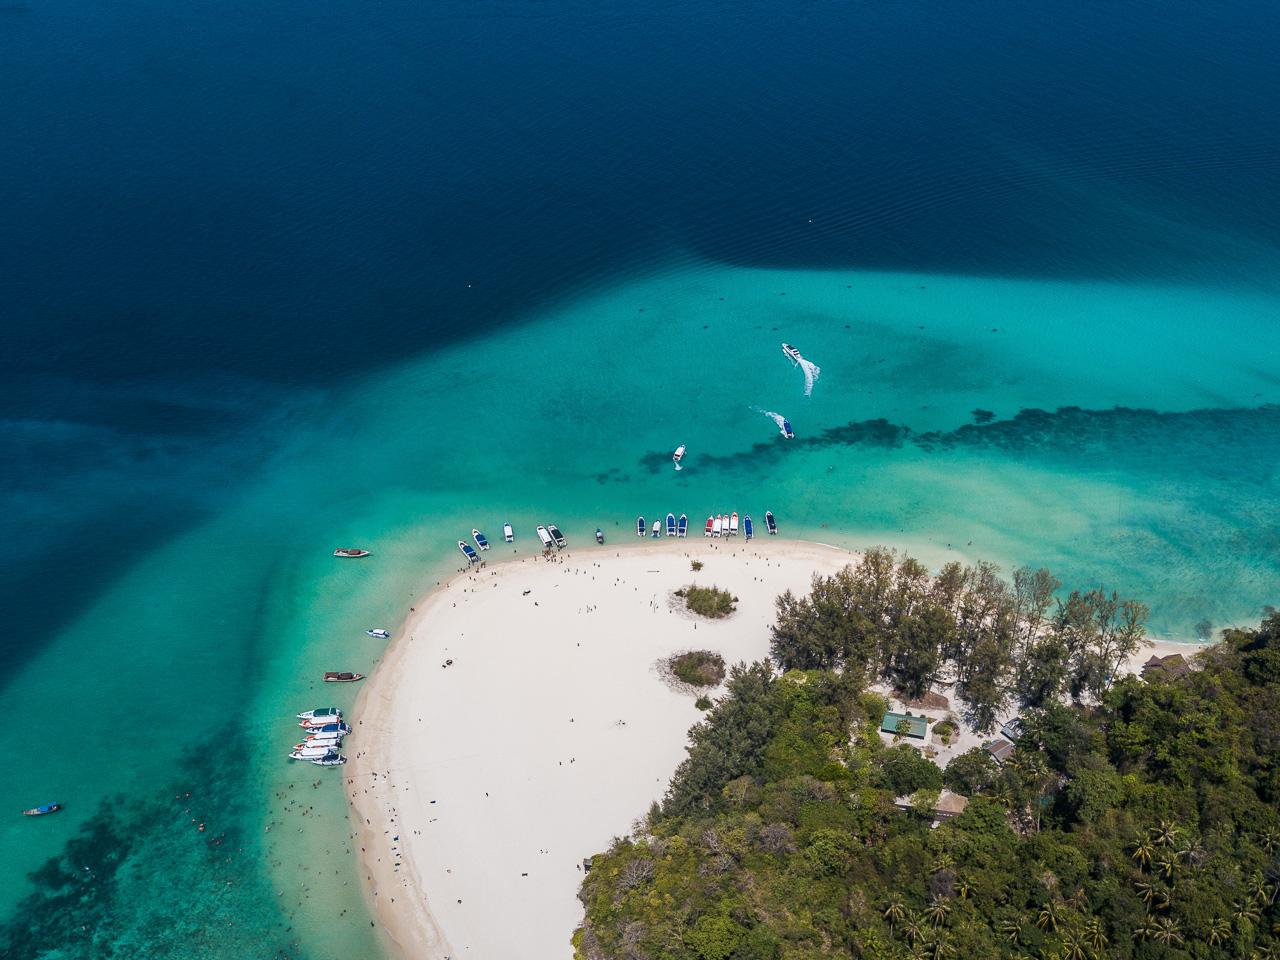 Parte da Bamboo Island vista de cima. Imagem de drone da Tailândia